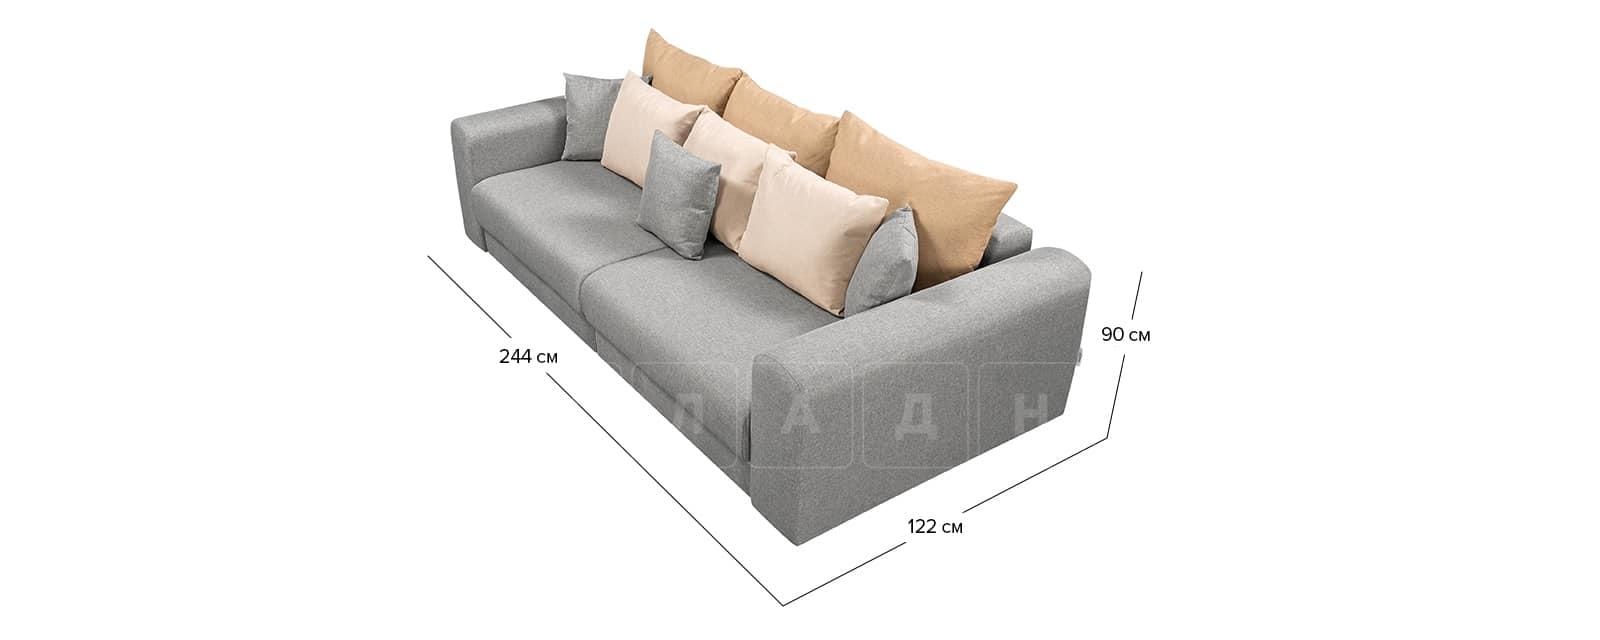 Диван Медисон серый 244 см фото 7   интернет-магазин Складно